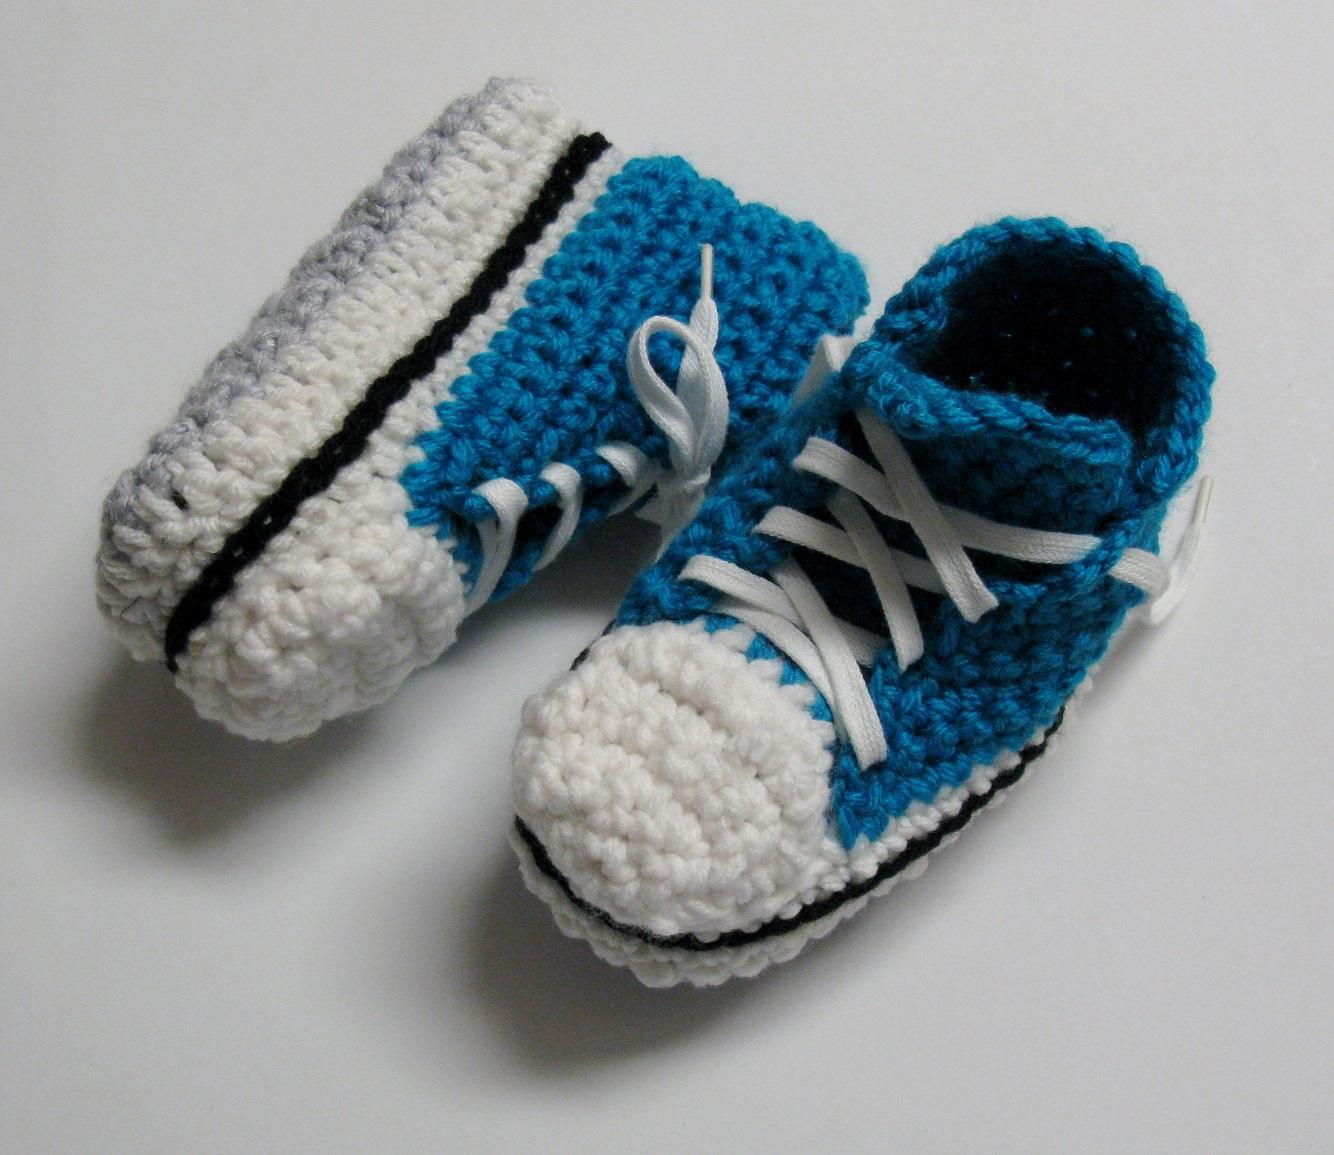 Pantoufles Converses au crochet pour enfants 2 à 10 ans